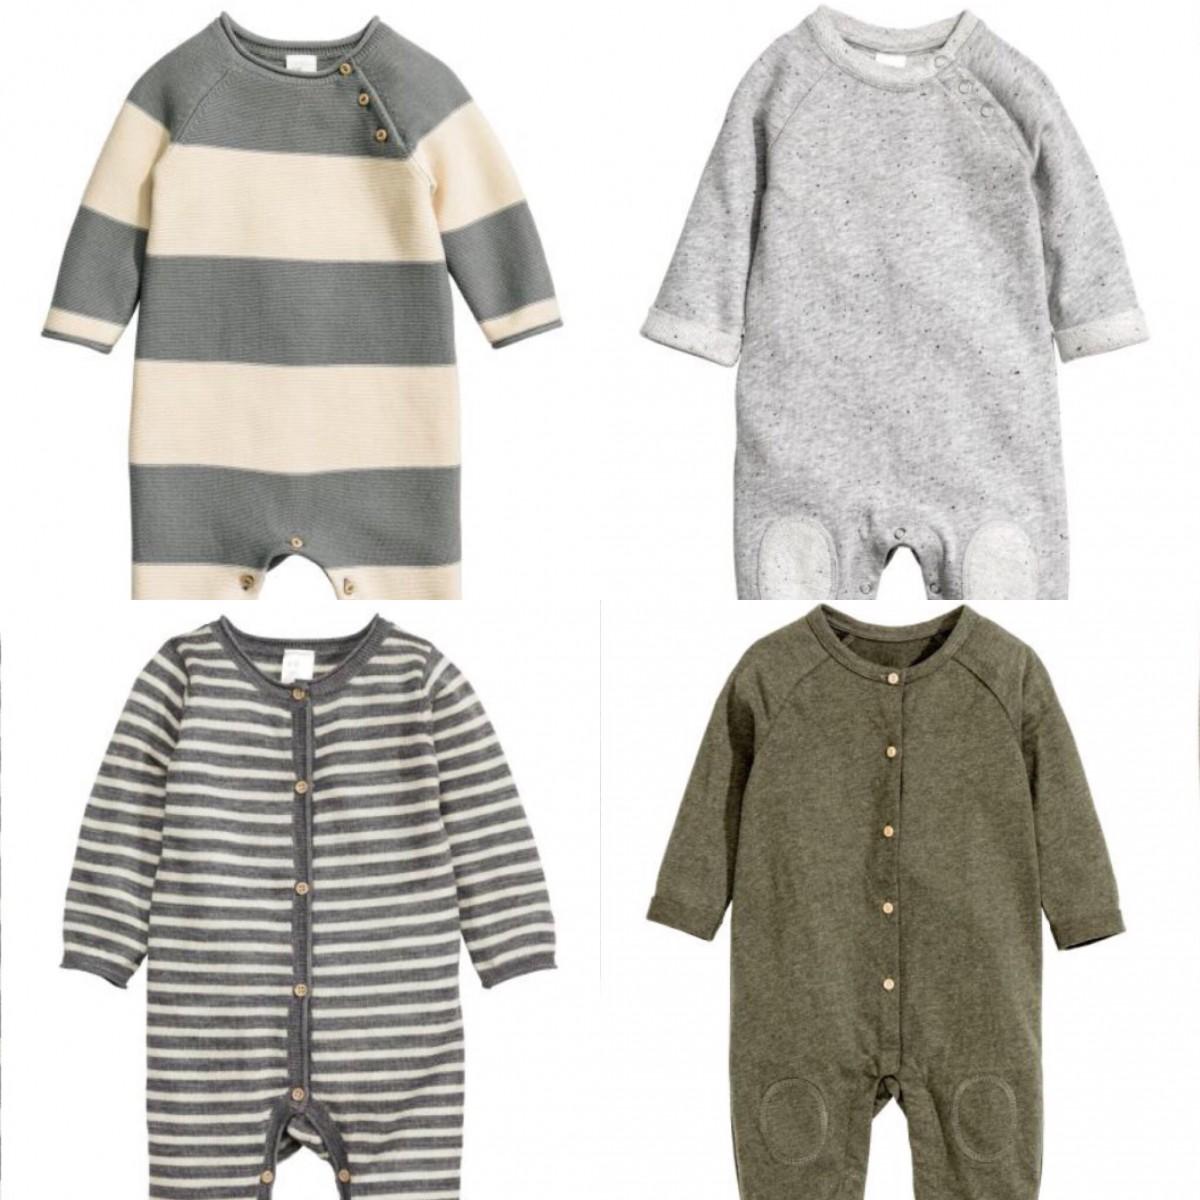 5f0312267f2 clockwise from top left: Fine-knit Romper Suit £14.99, Sweatshirt Romper  Suit £12.99, Jersey Romper Suit £9.99, Fine-knit Wool Romper Suit £19.99